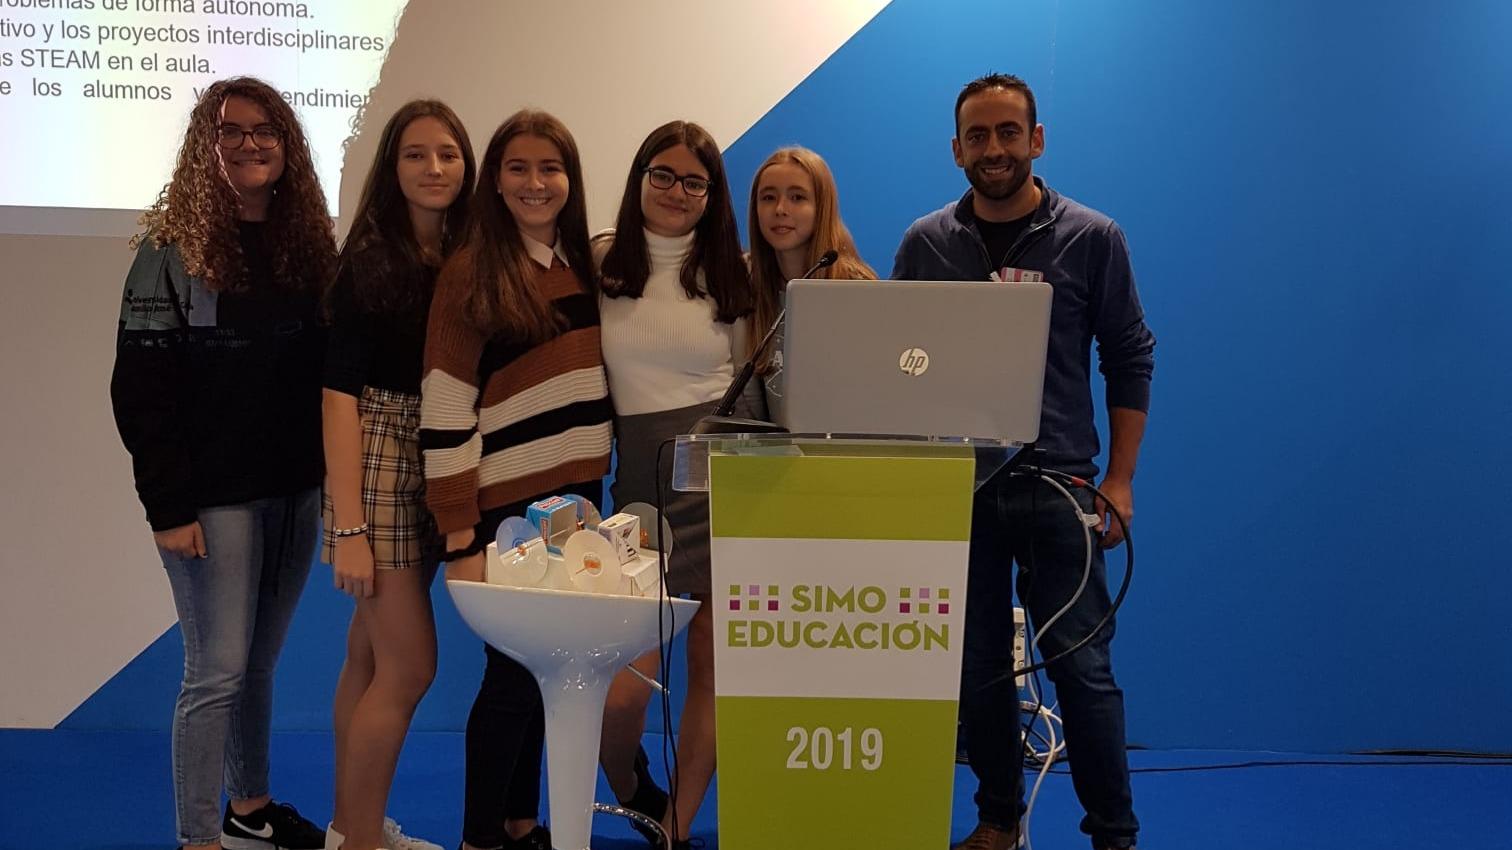 El Colegio Juan de Valdés presenta un proyecto innovador en SIMO Educación 2019